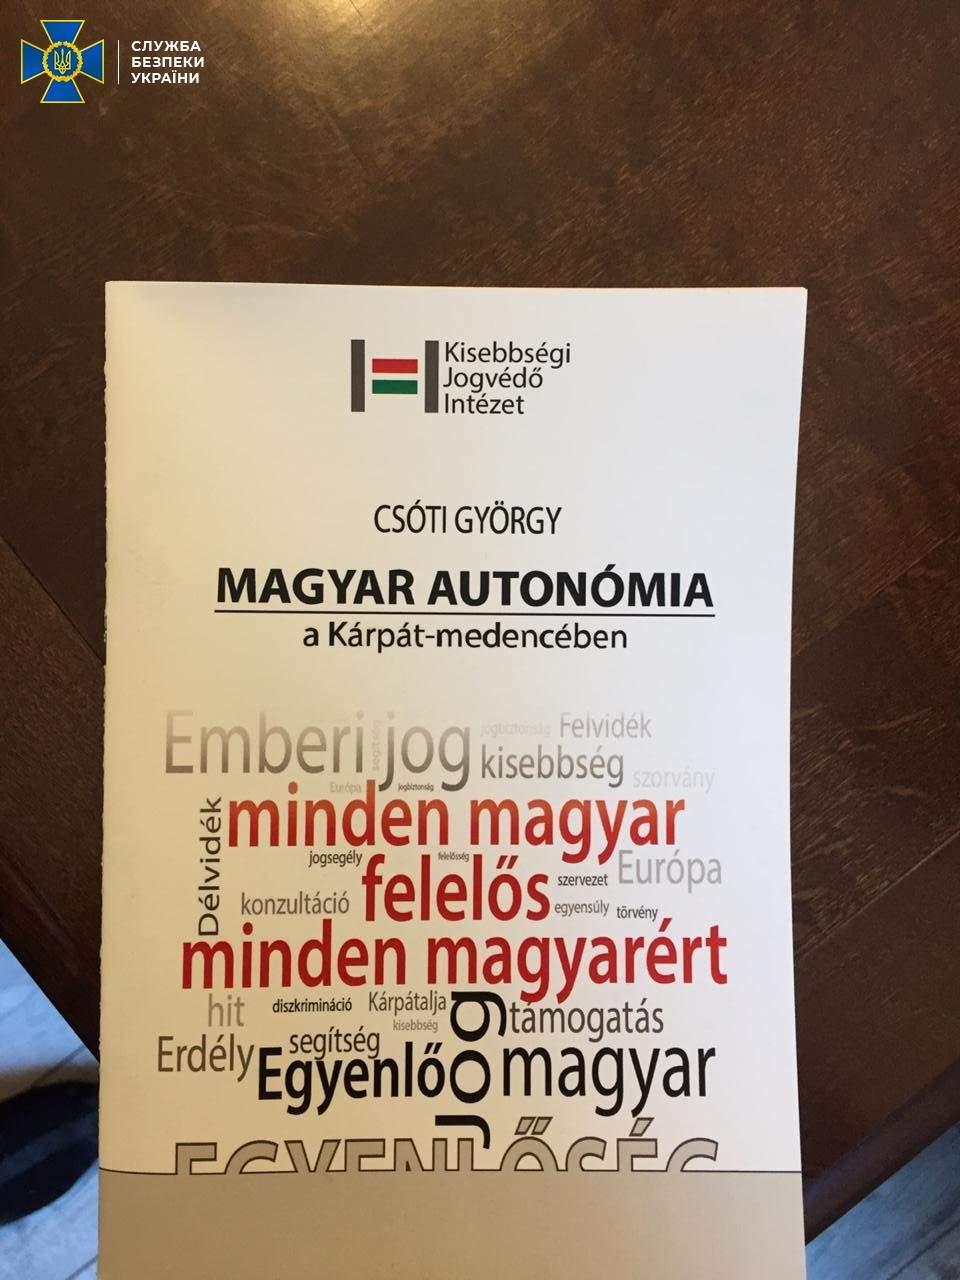 Венгров Закарпатья обвиняют в сепаратизме